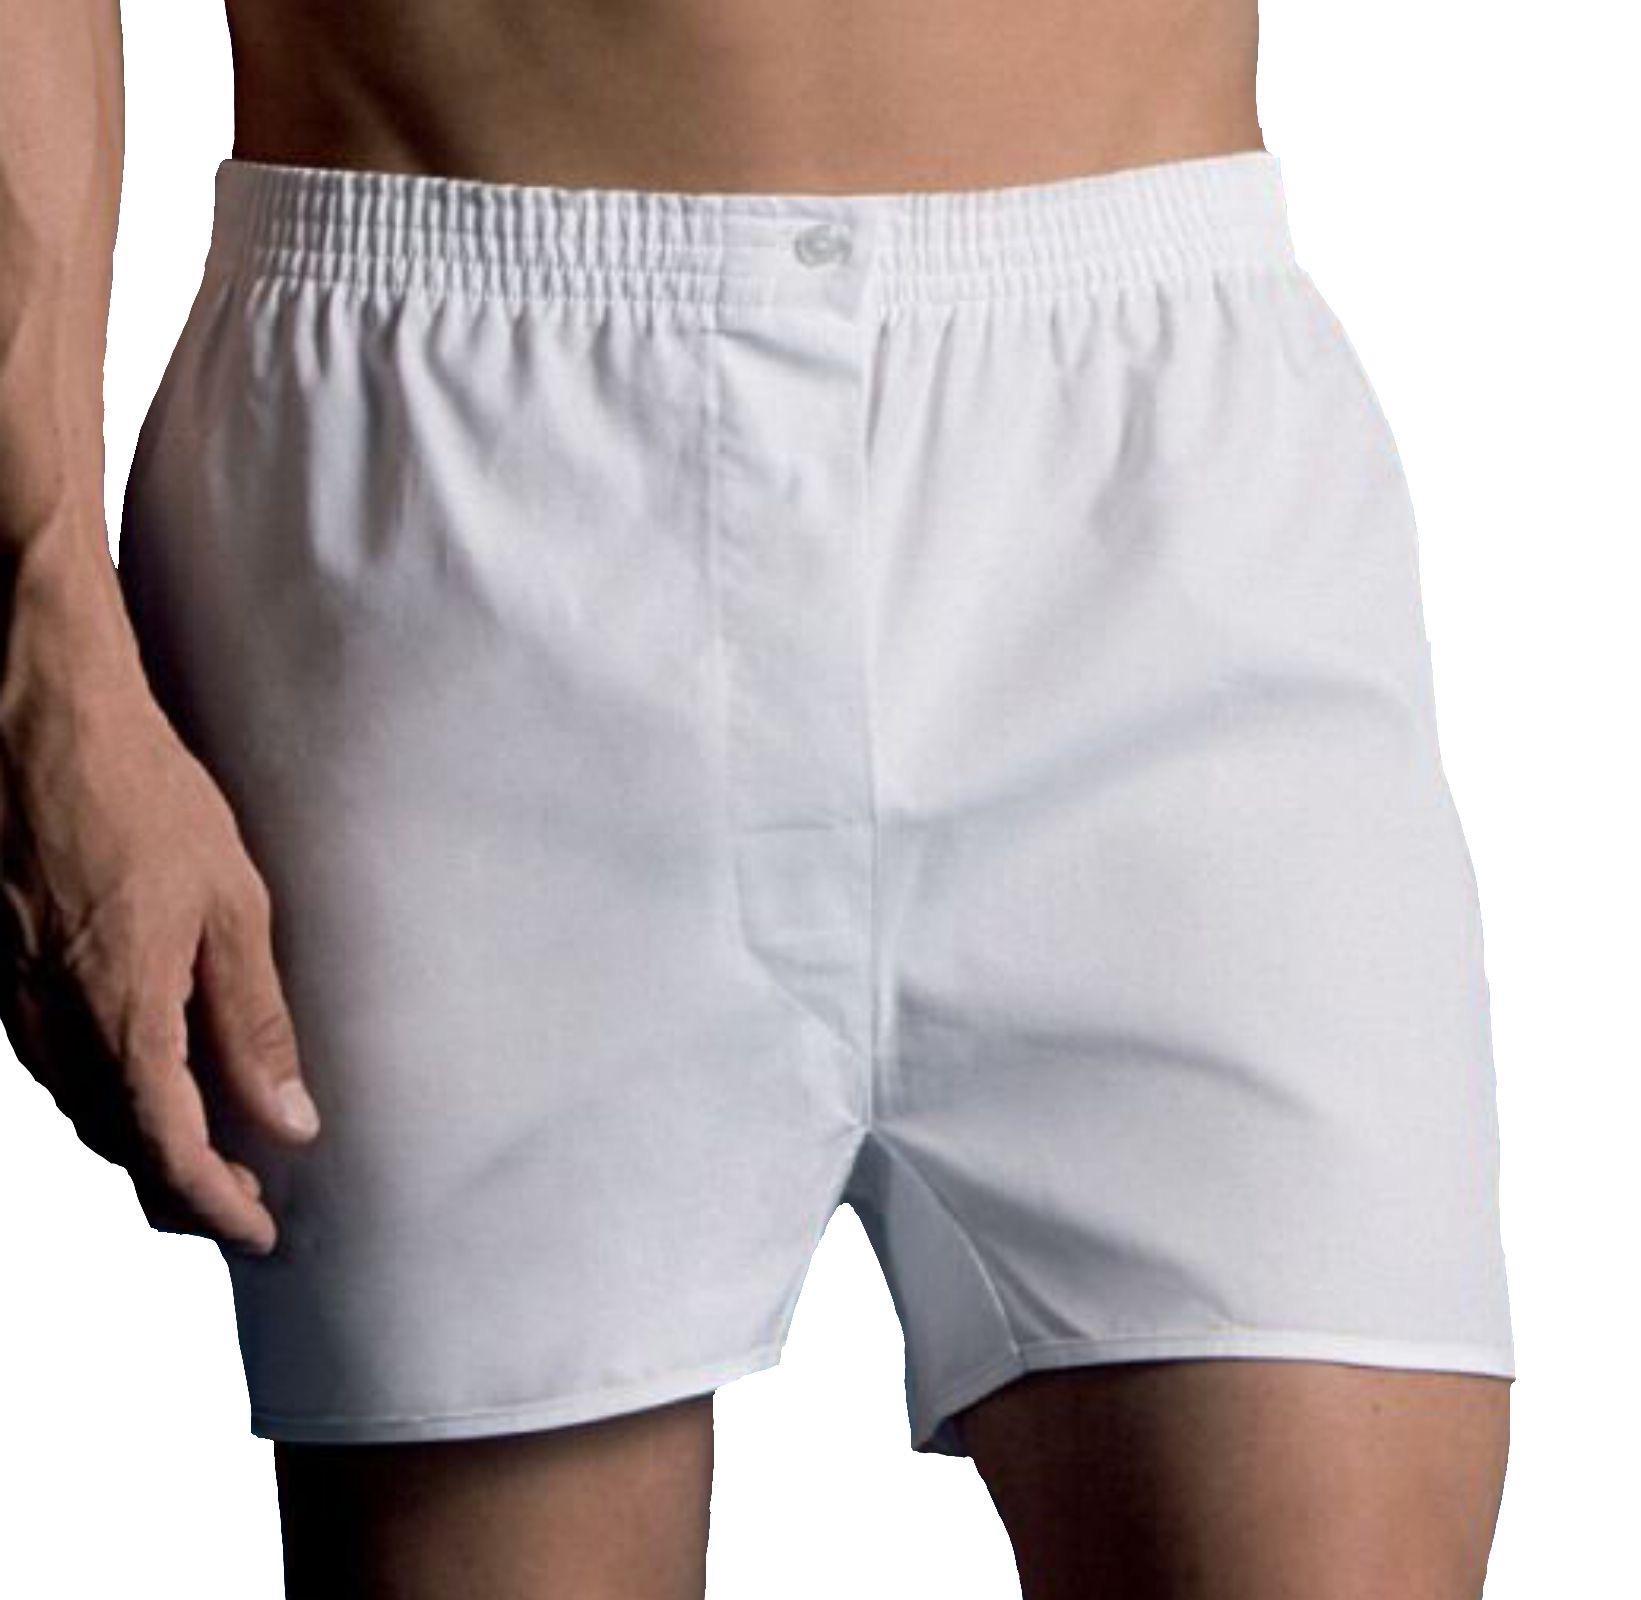 Vela 2 Boxer da uomo in tela di cotone 100% con taglio classico